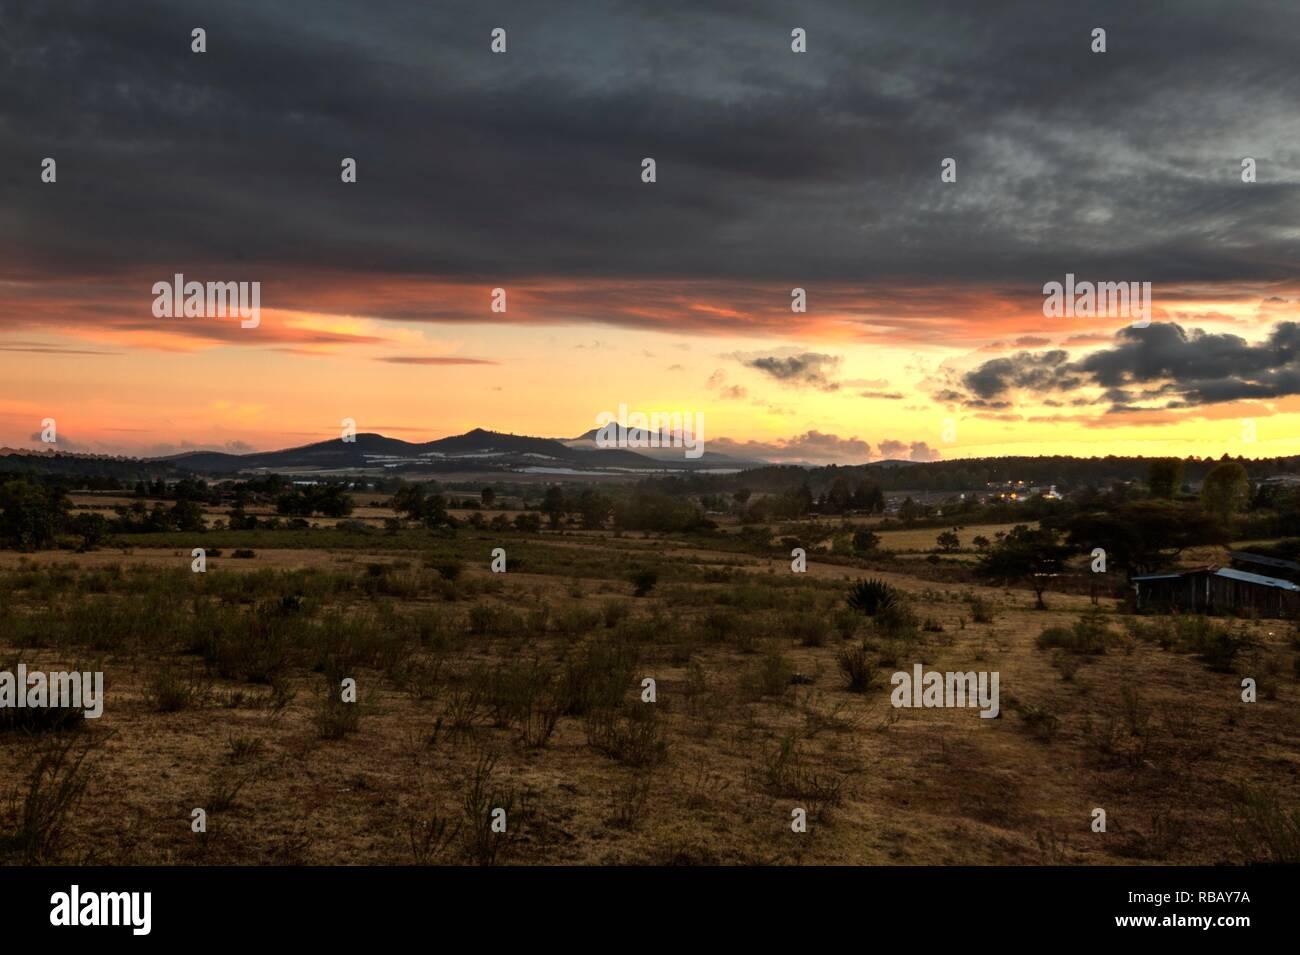 La naturaleza y la vida silvestre fotografías tomadas durante diferentes excursiones y lugares de México Imagen De Stock